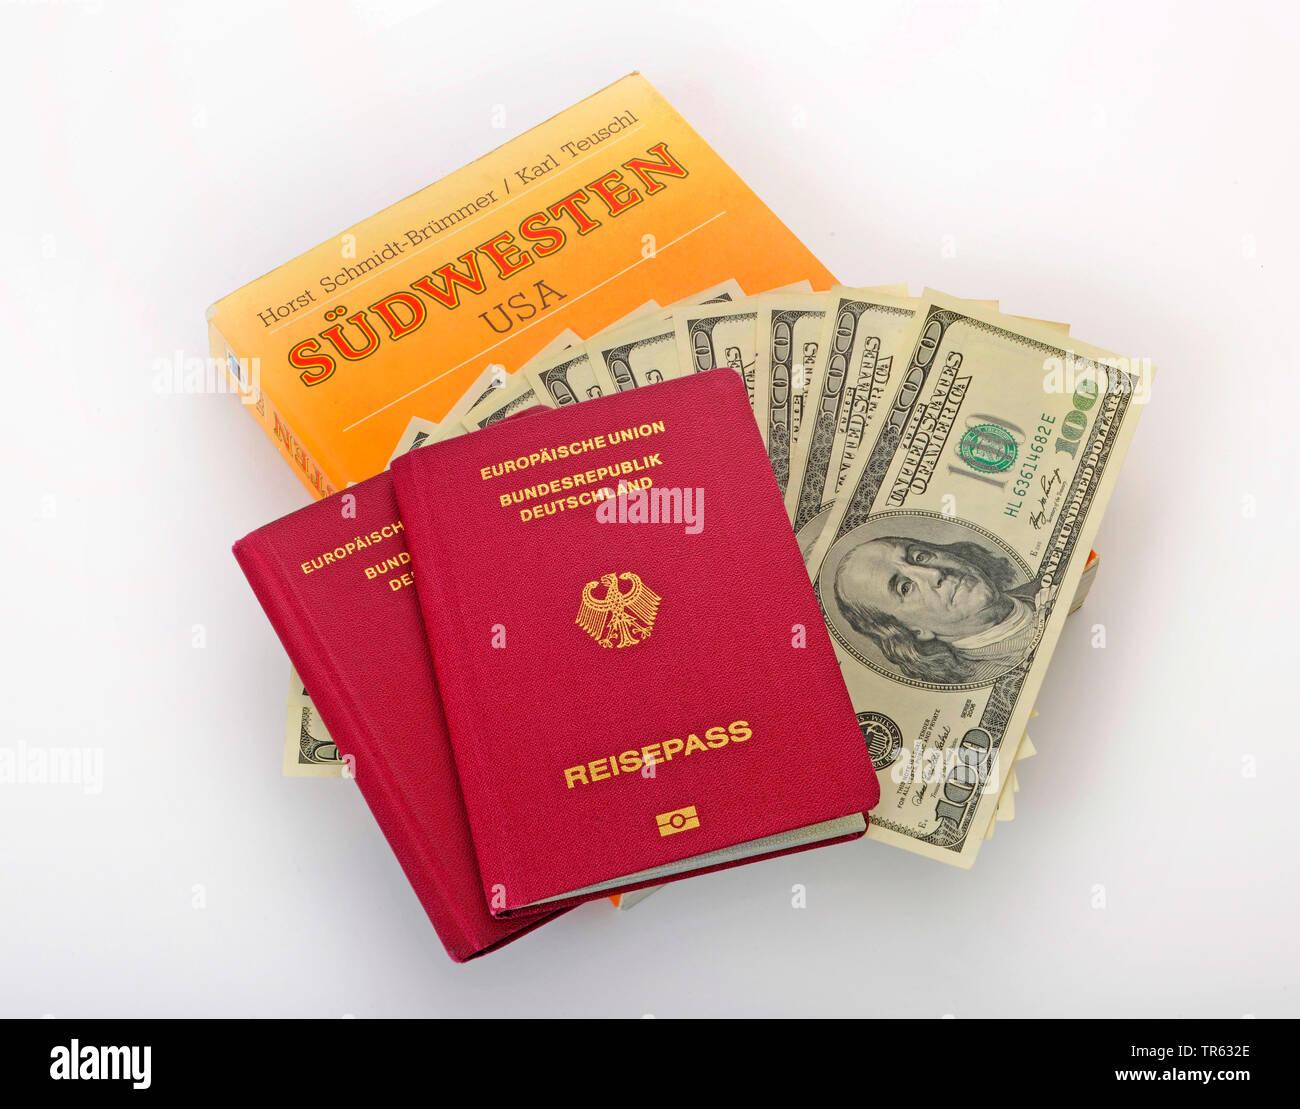 Reisepaesse und Reisefuehrer fuer die USA mit Dollarnoten, Deutschland | identity cards and guidebooks with dollar bills, Germany | BLWS472092.jpg [ ( - Stock Image